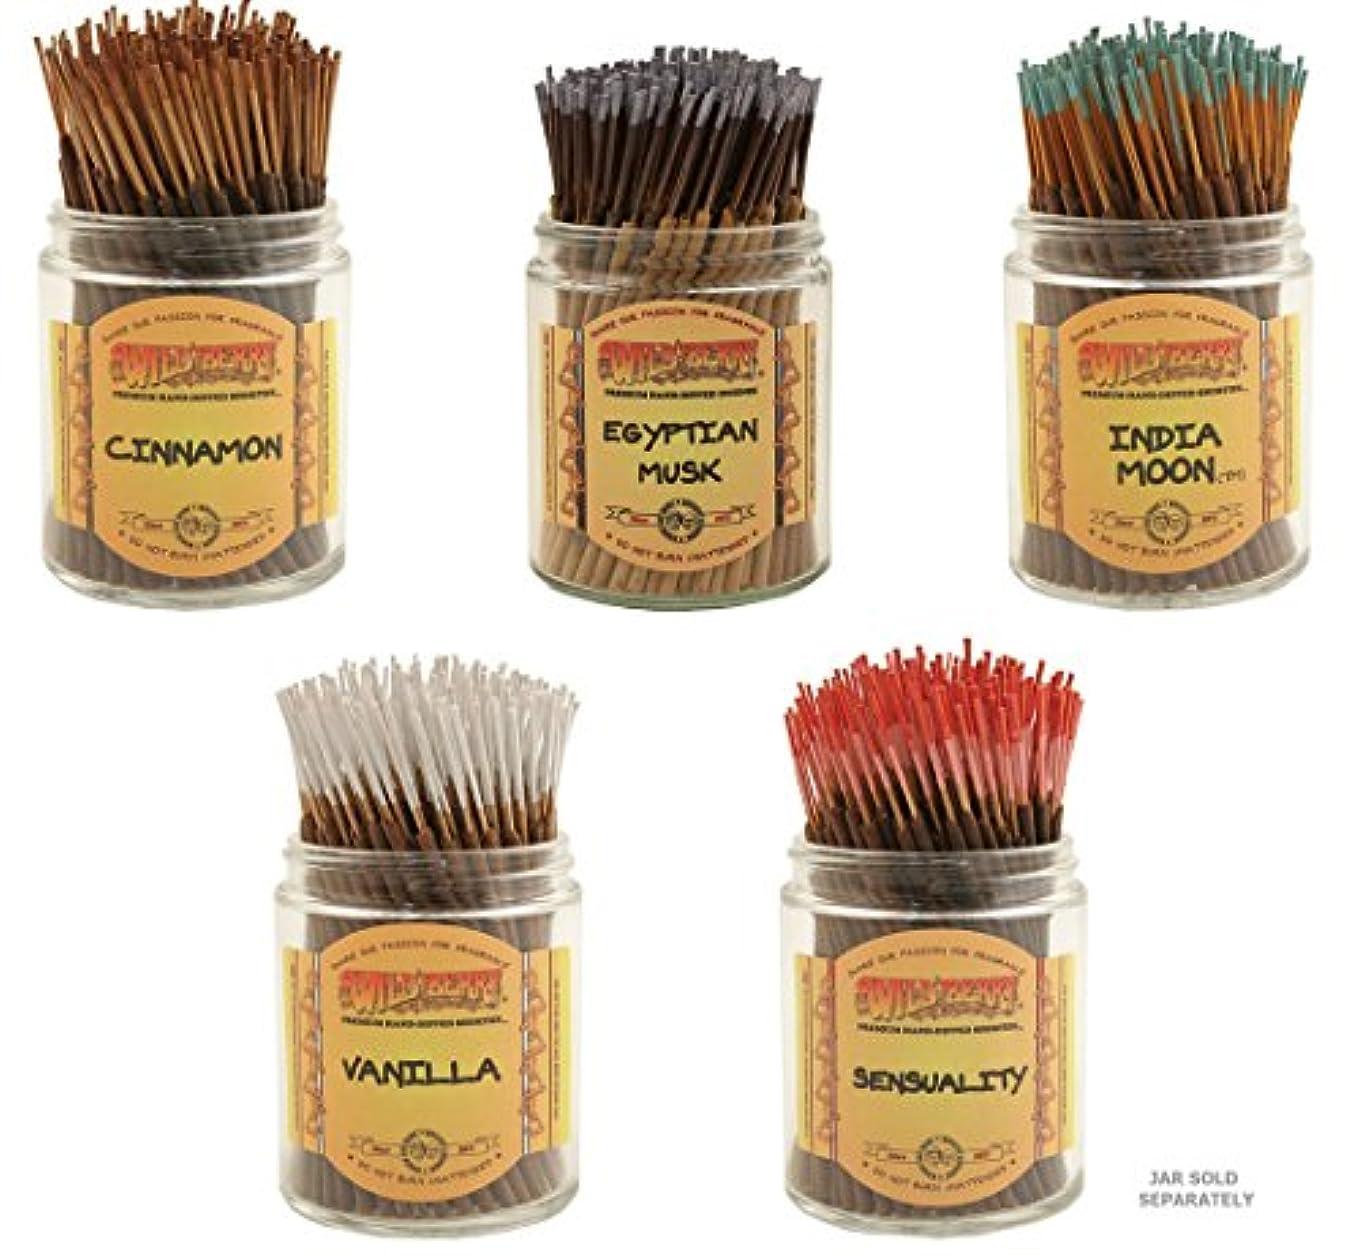 けがをする同意する教えるWildberry Short Incense Sticks – Set of 5秋Fragrances – シナモン、エジプトムスク、インドMoon、Sensuality、バニラ(100各パック、合計500 Sticks)